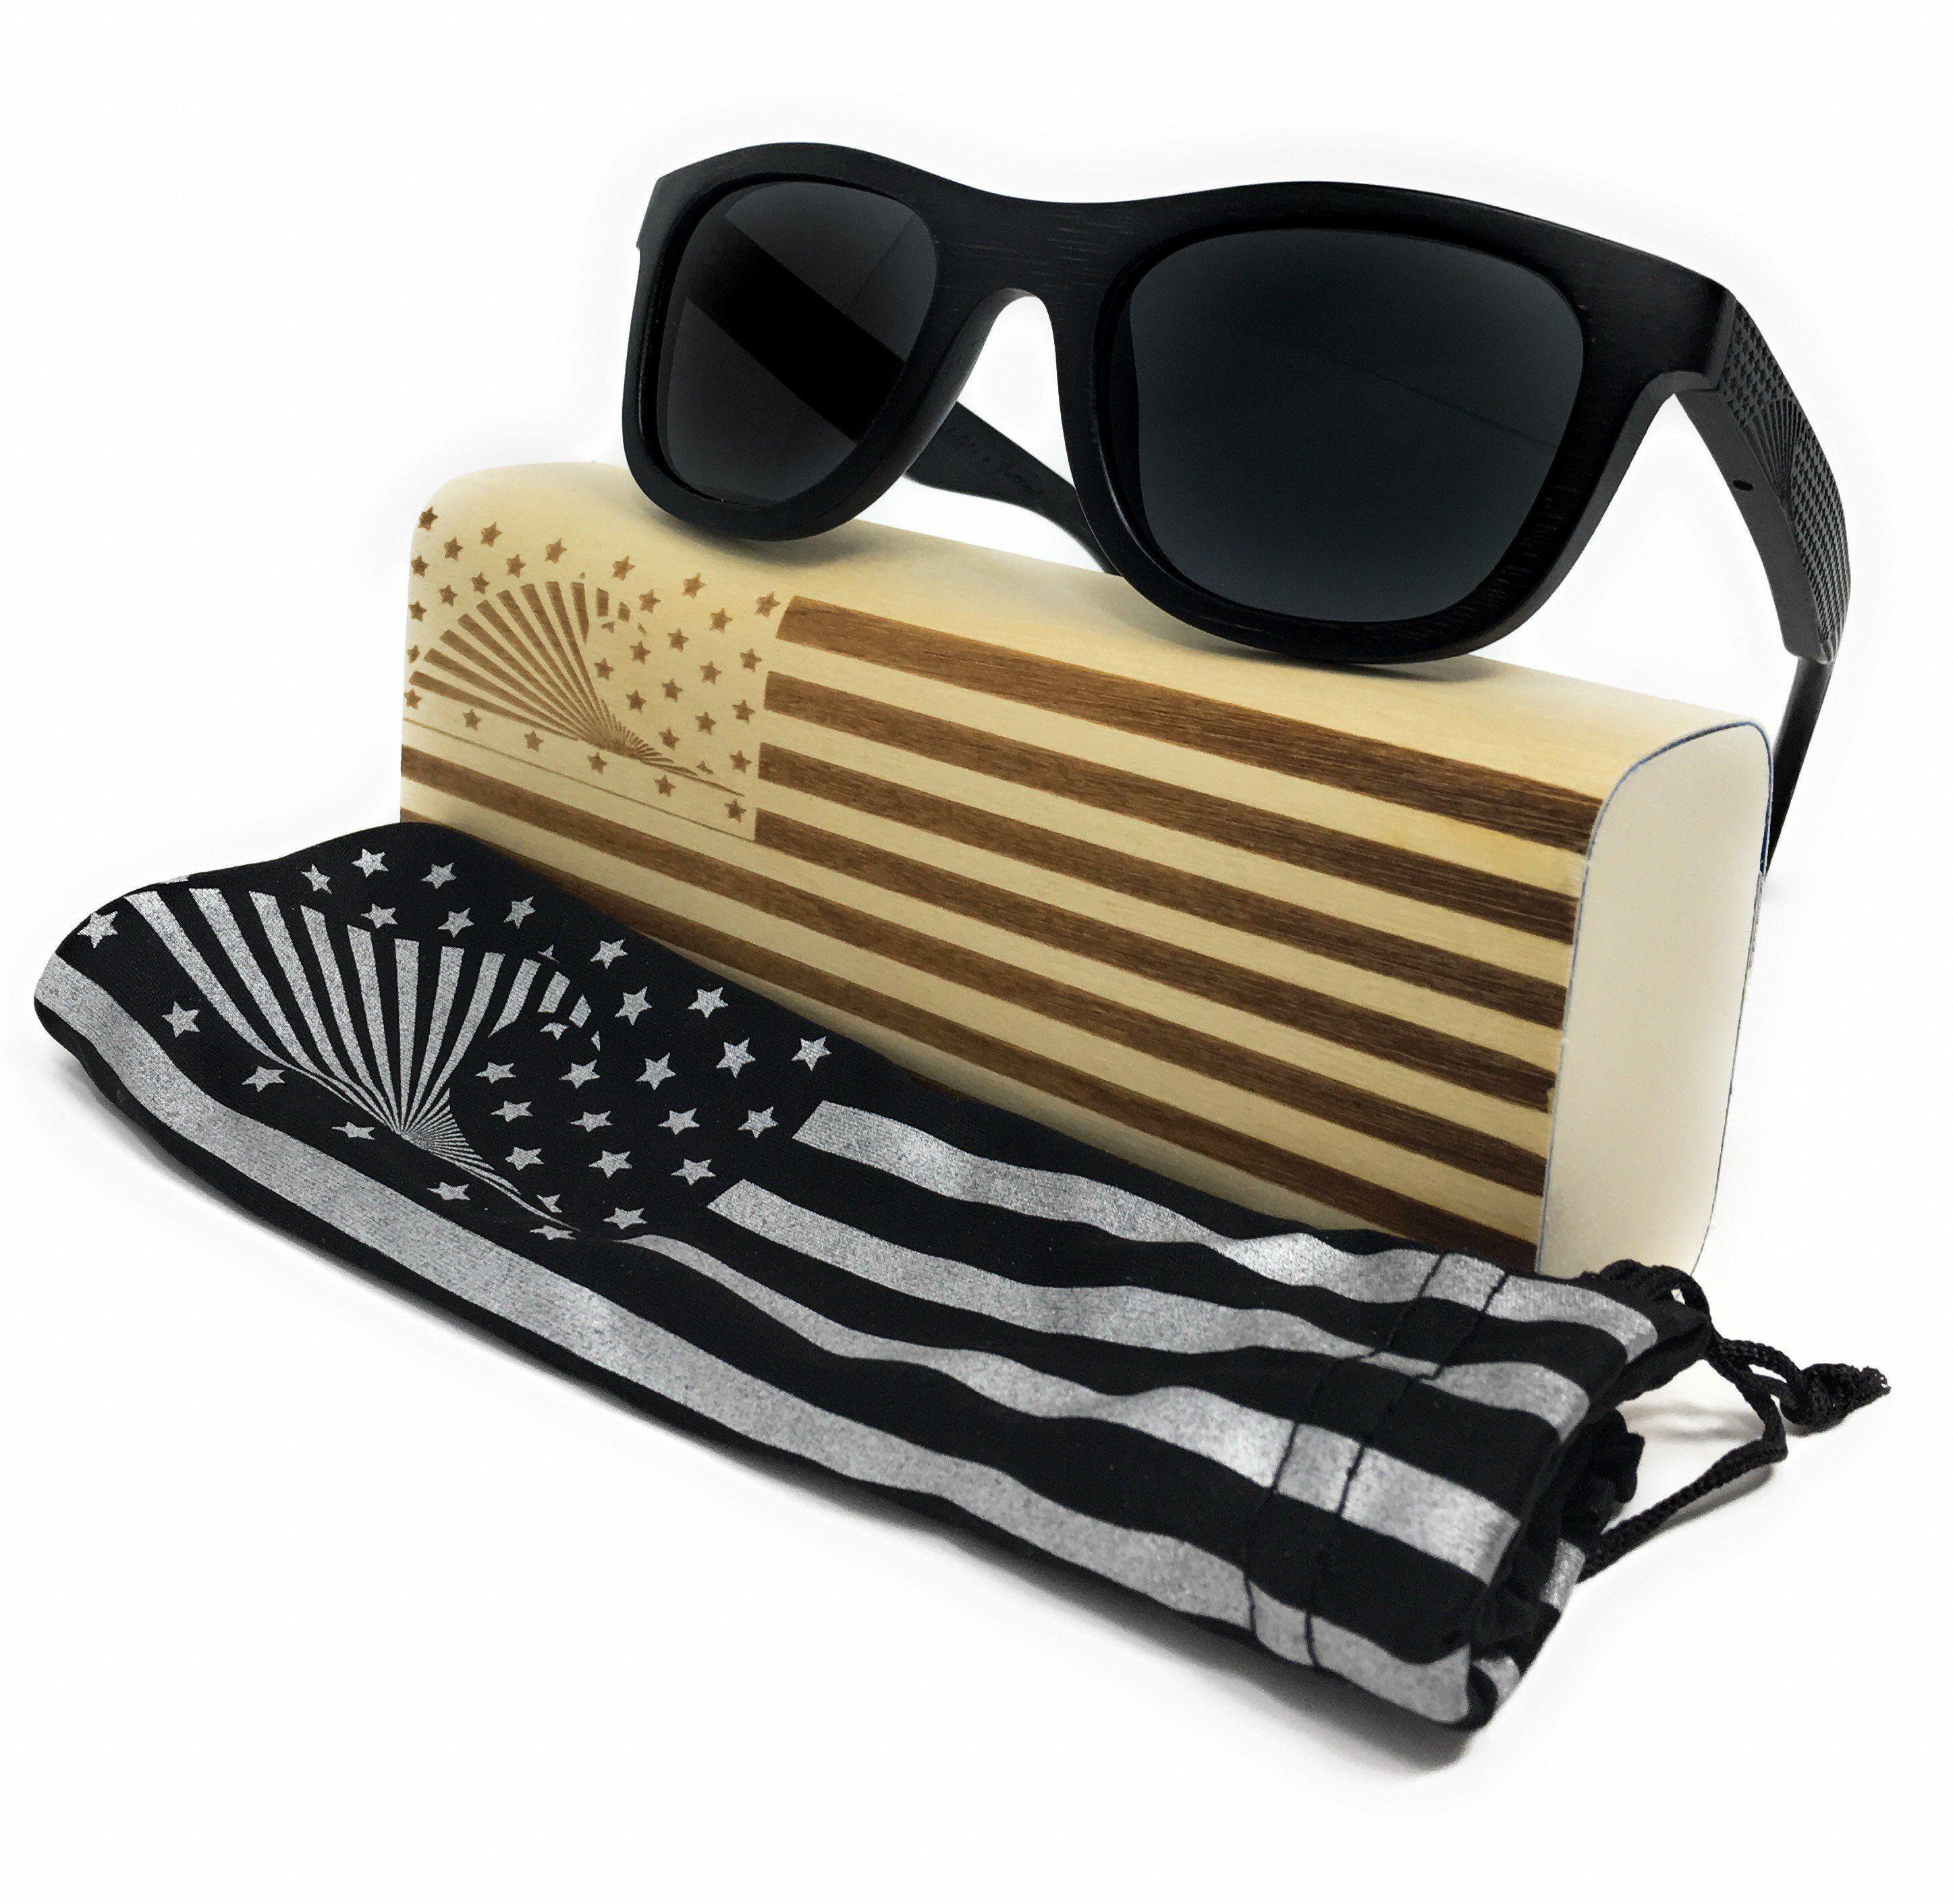 00480ee1a2 Patriot Shades Polarized   Floating Bamboo Size Large Wayfarer Sunglasses